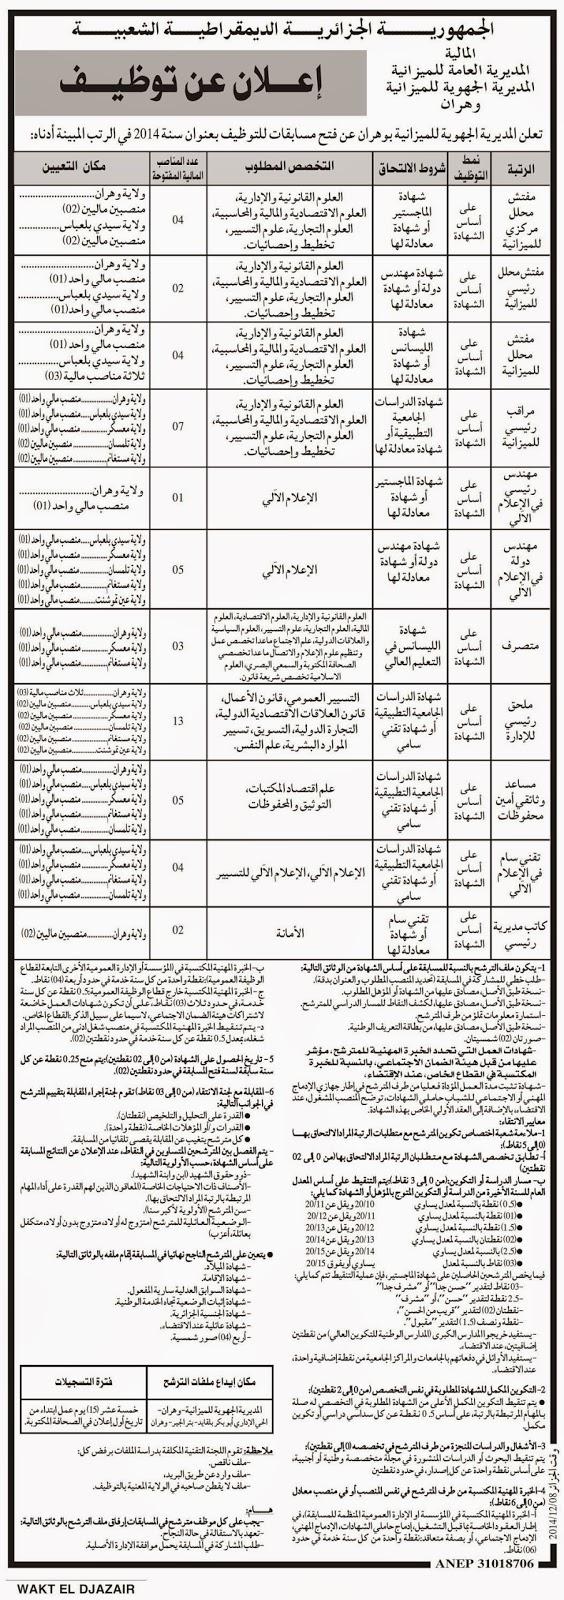 المديرية الجهوية للميزانية وهران